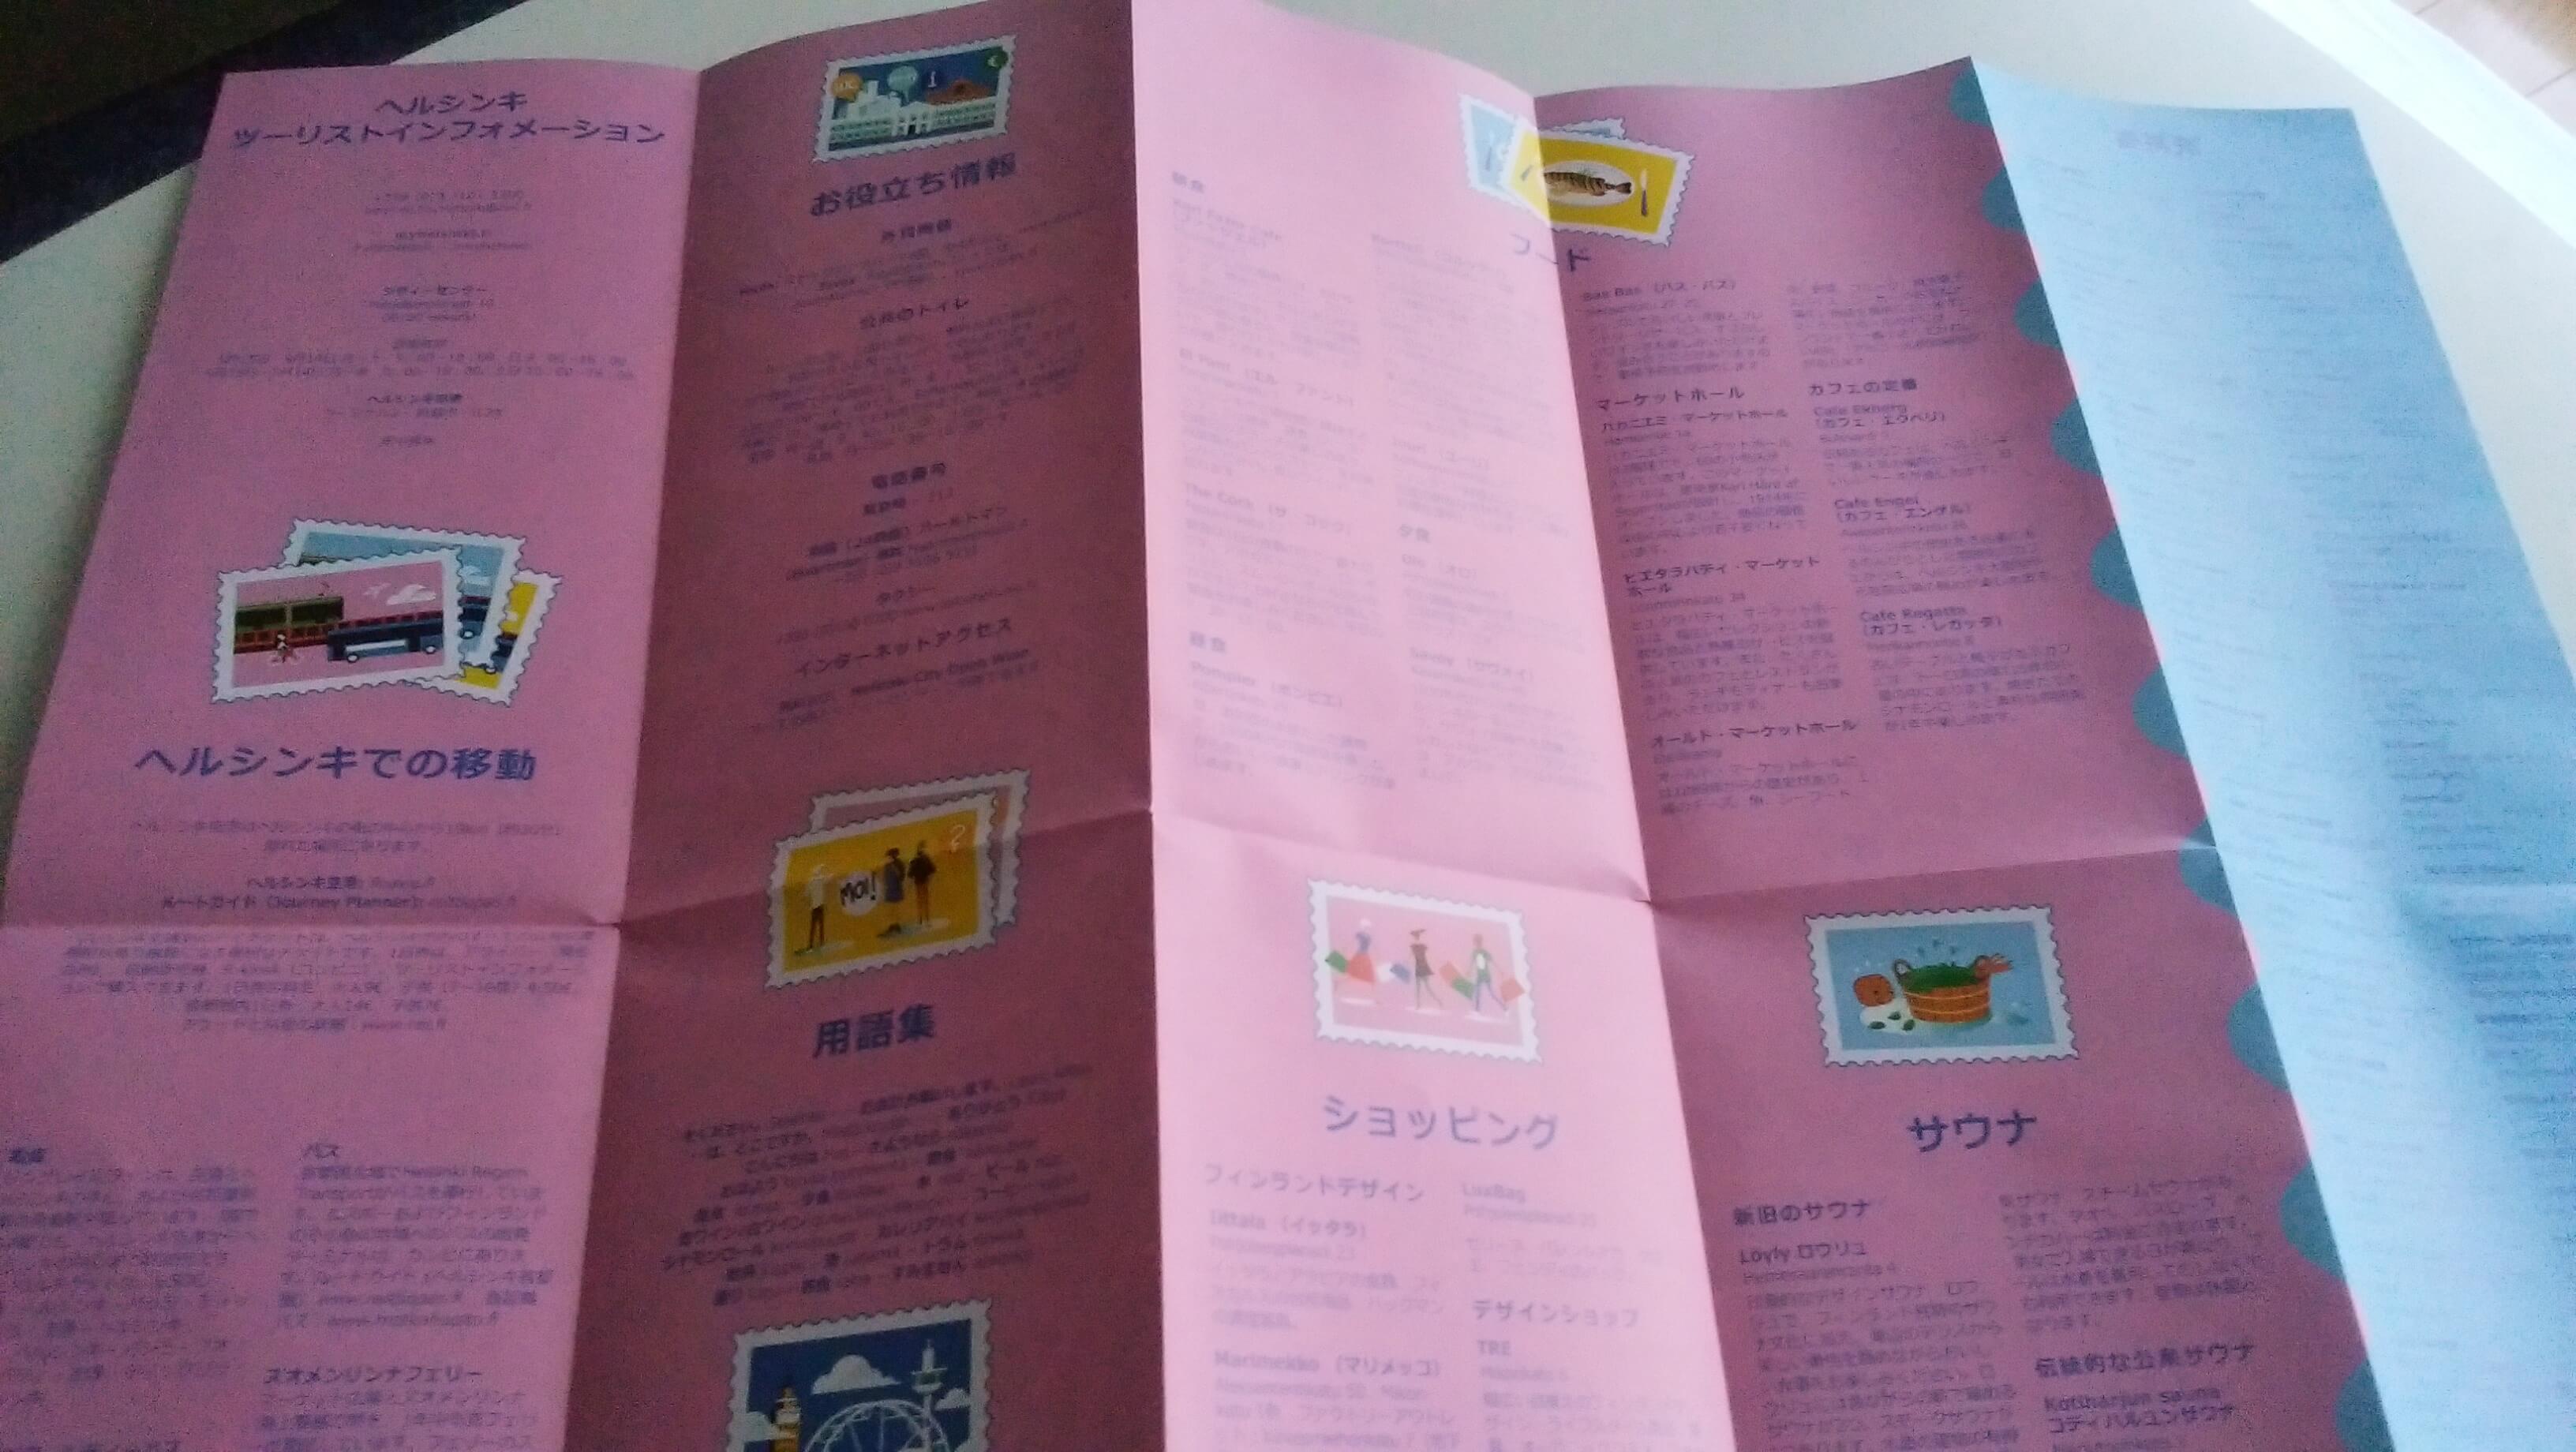 日本語でヘルシンキに関する概要や情報が掲載されている